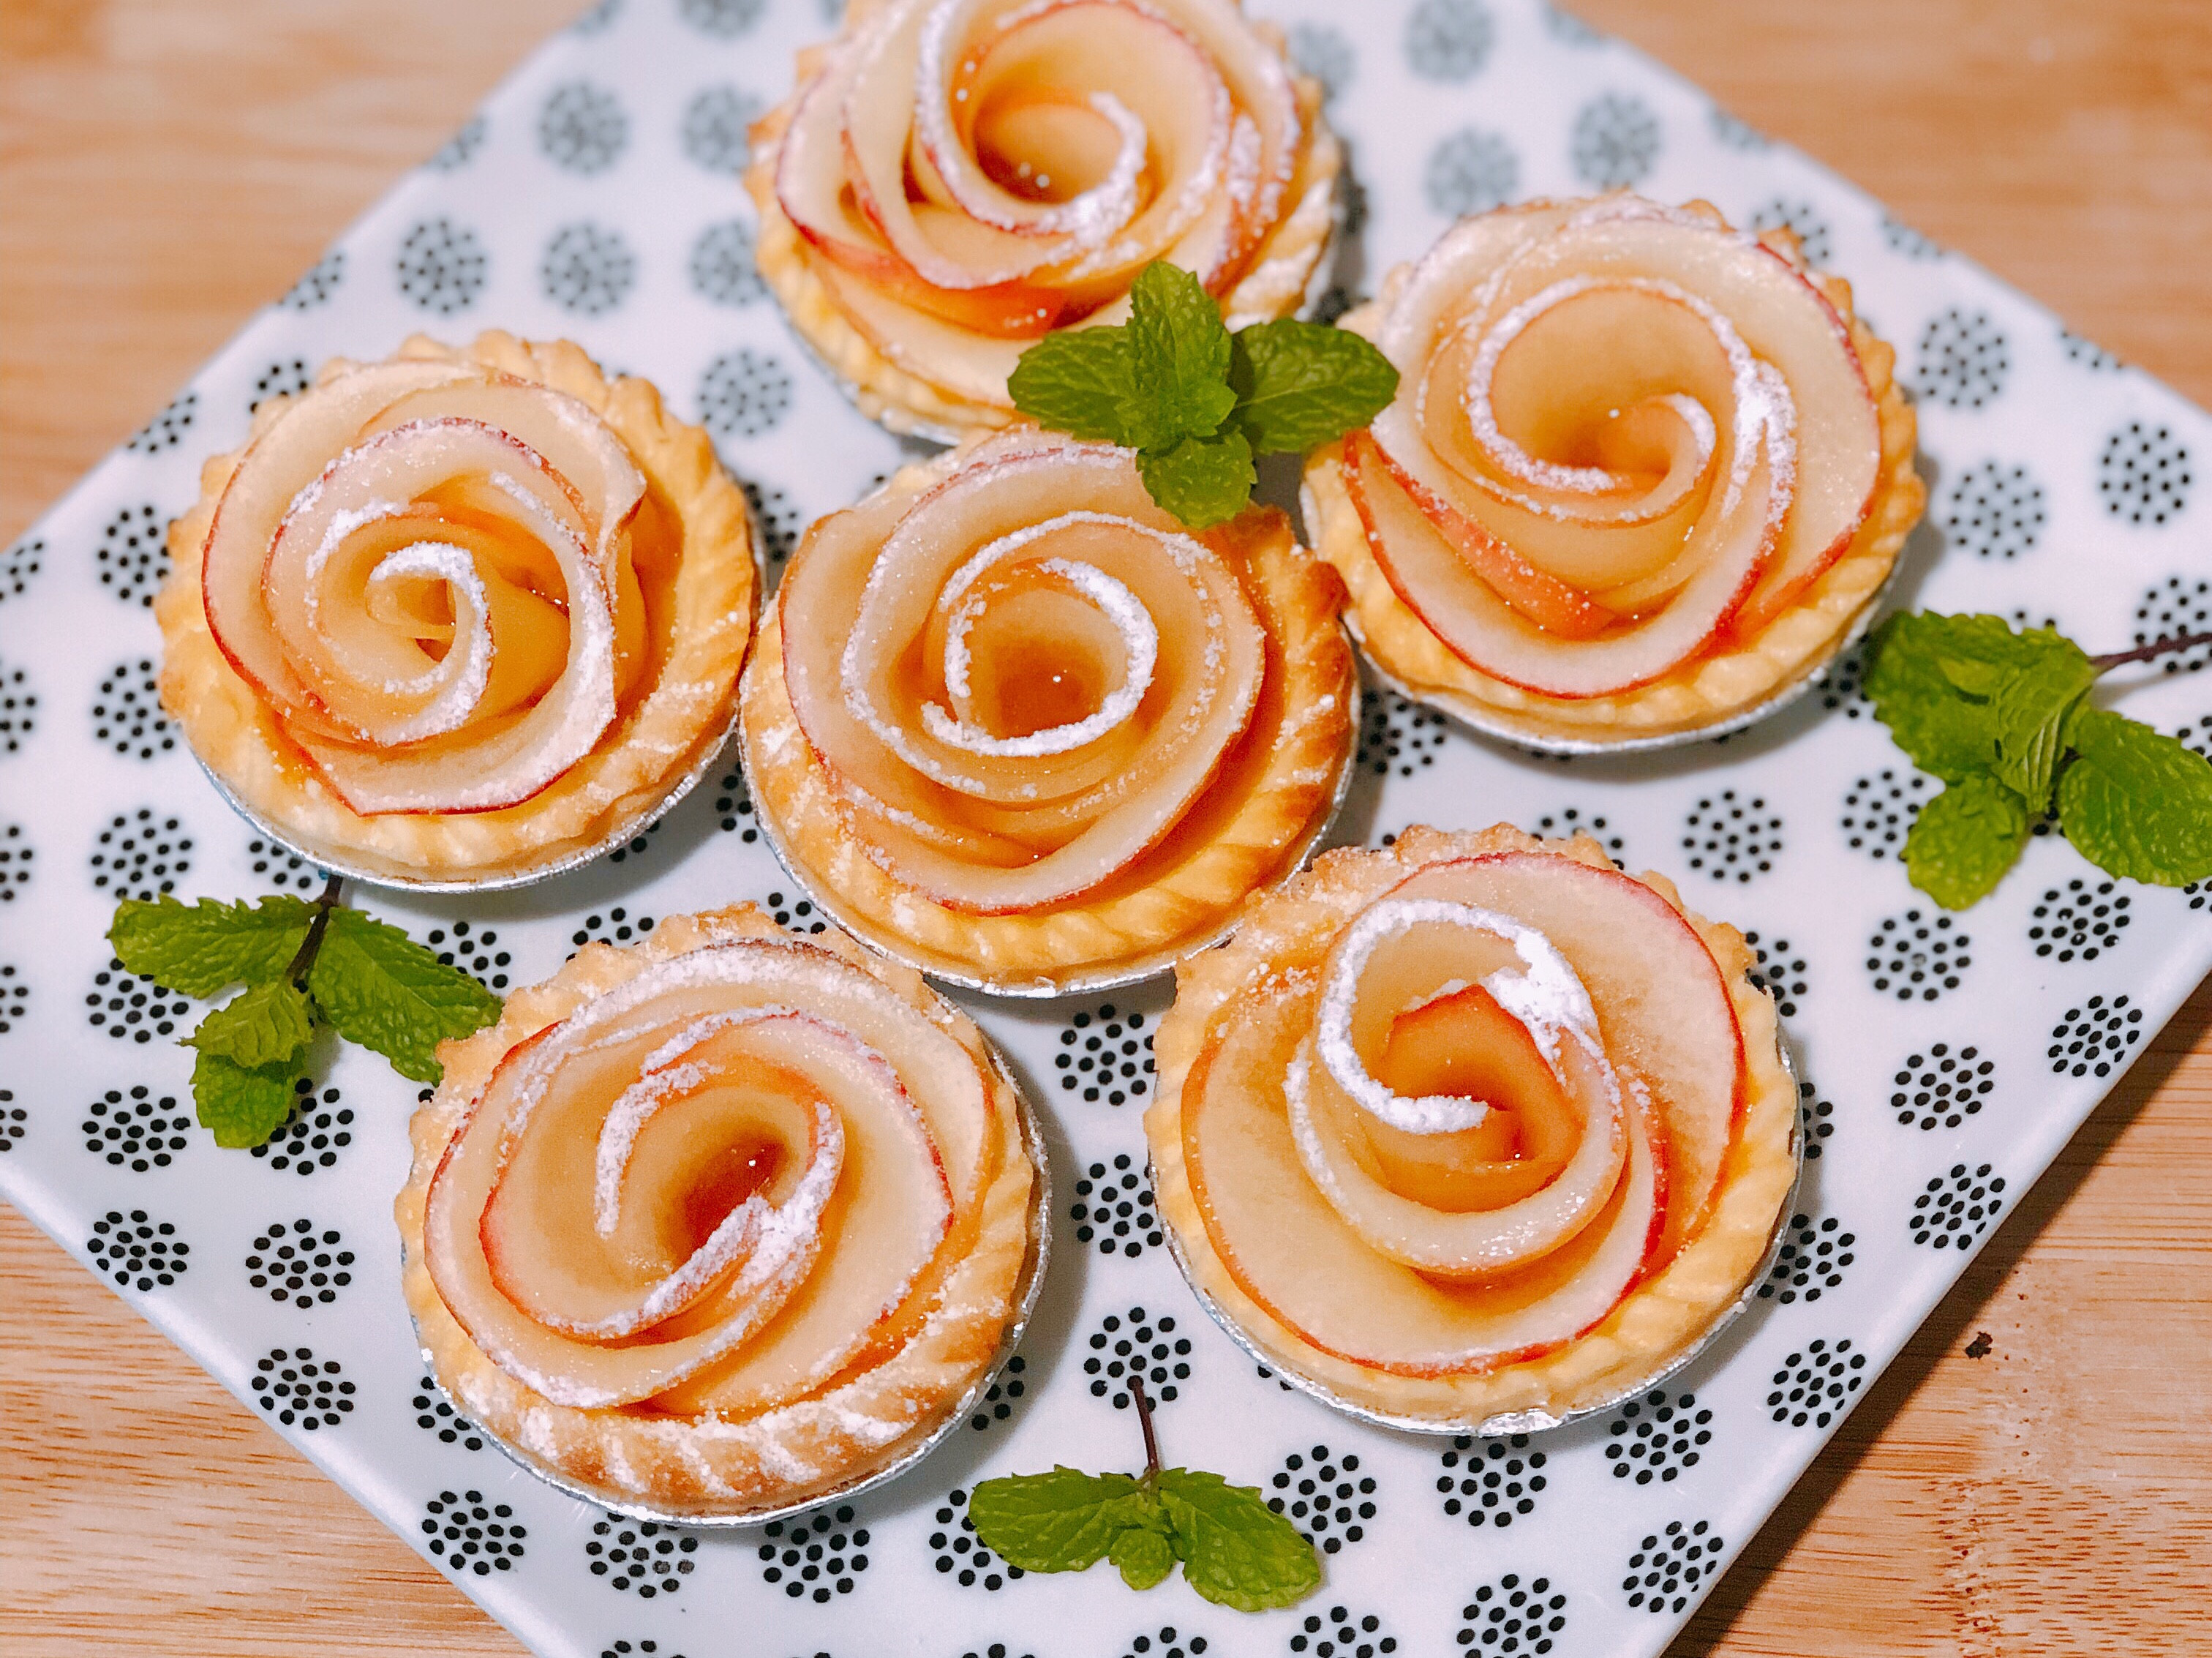 柚子醬蘋果塔